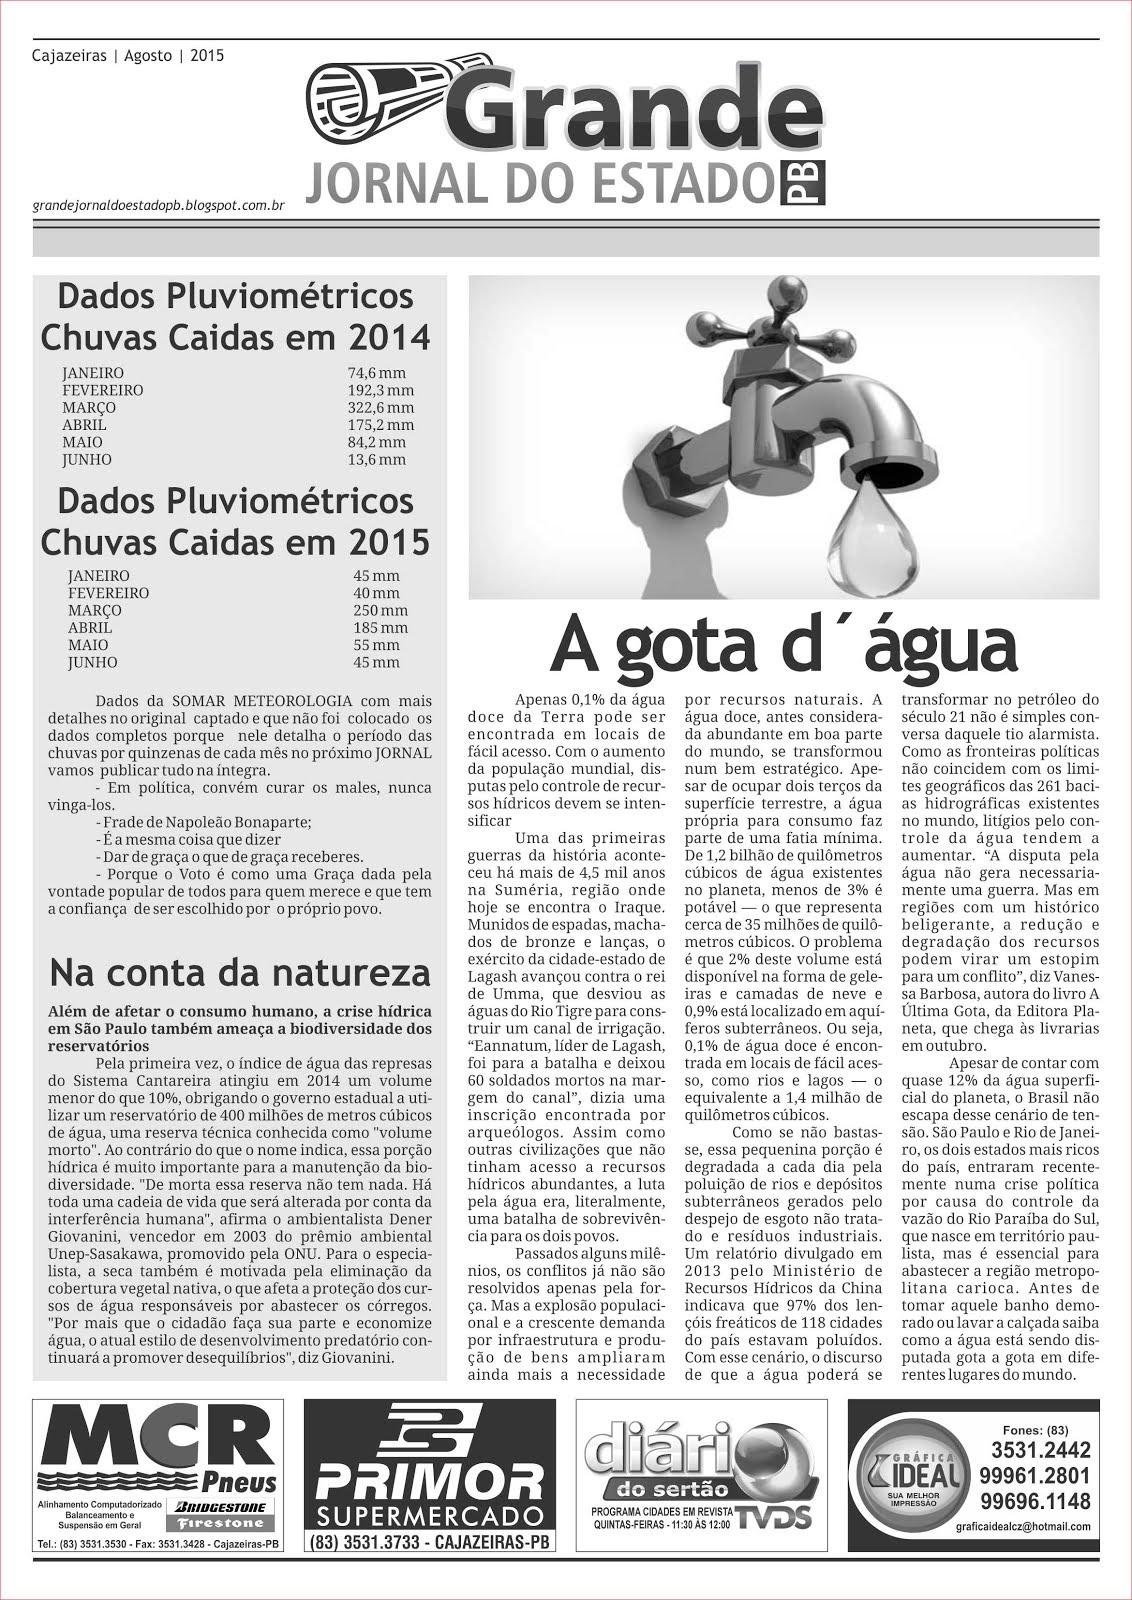 O  ORIGINAL  GRANDE JORNAL DO ESTADO  DE  CLASSFICADOS